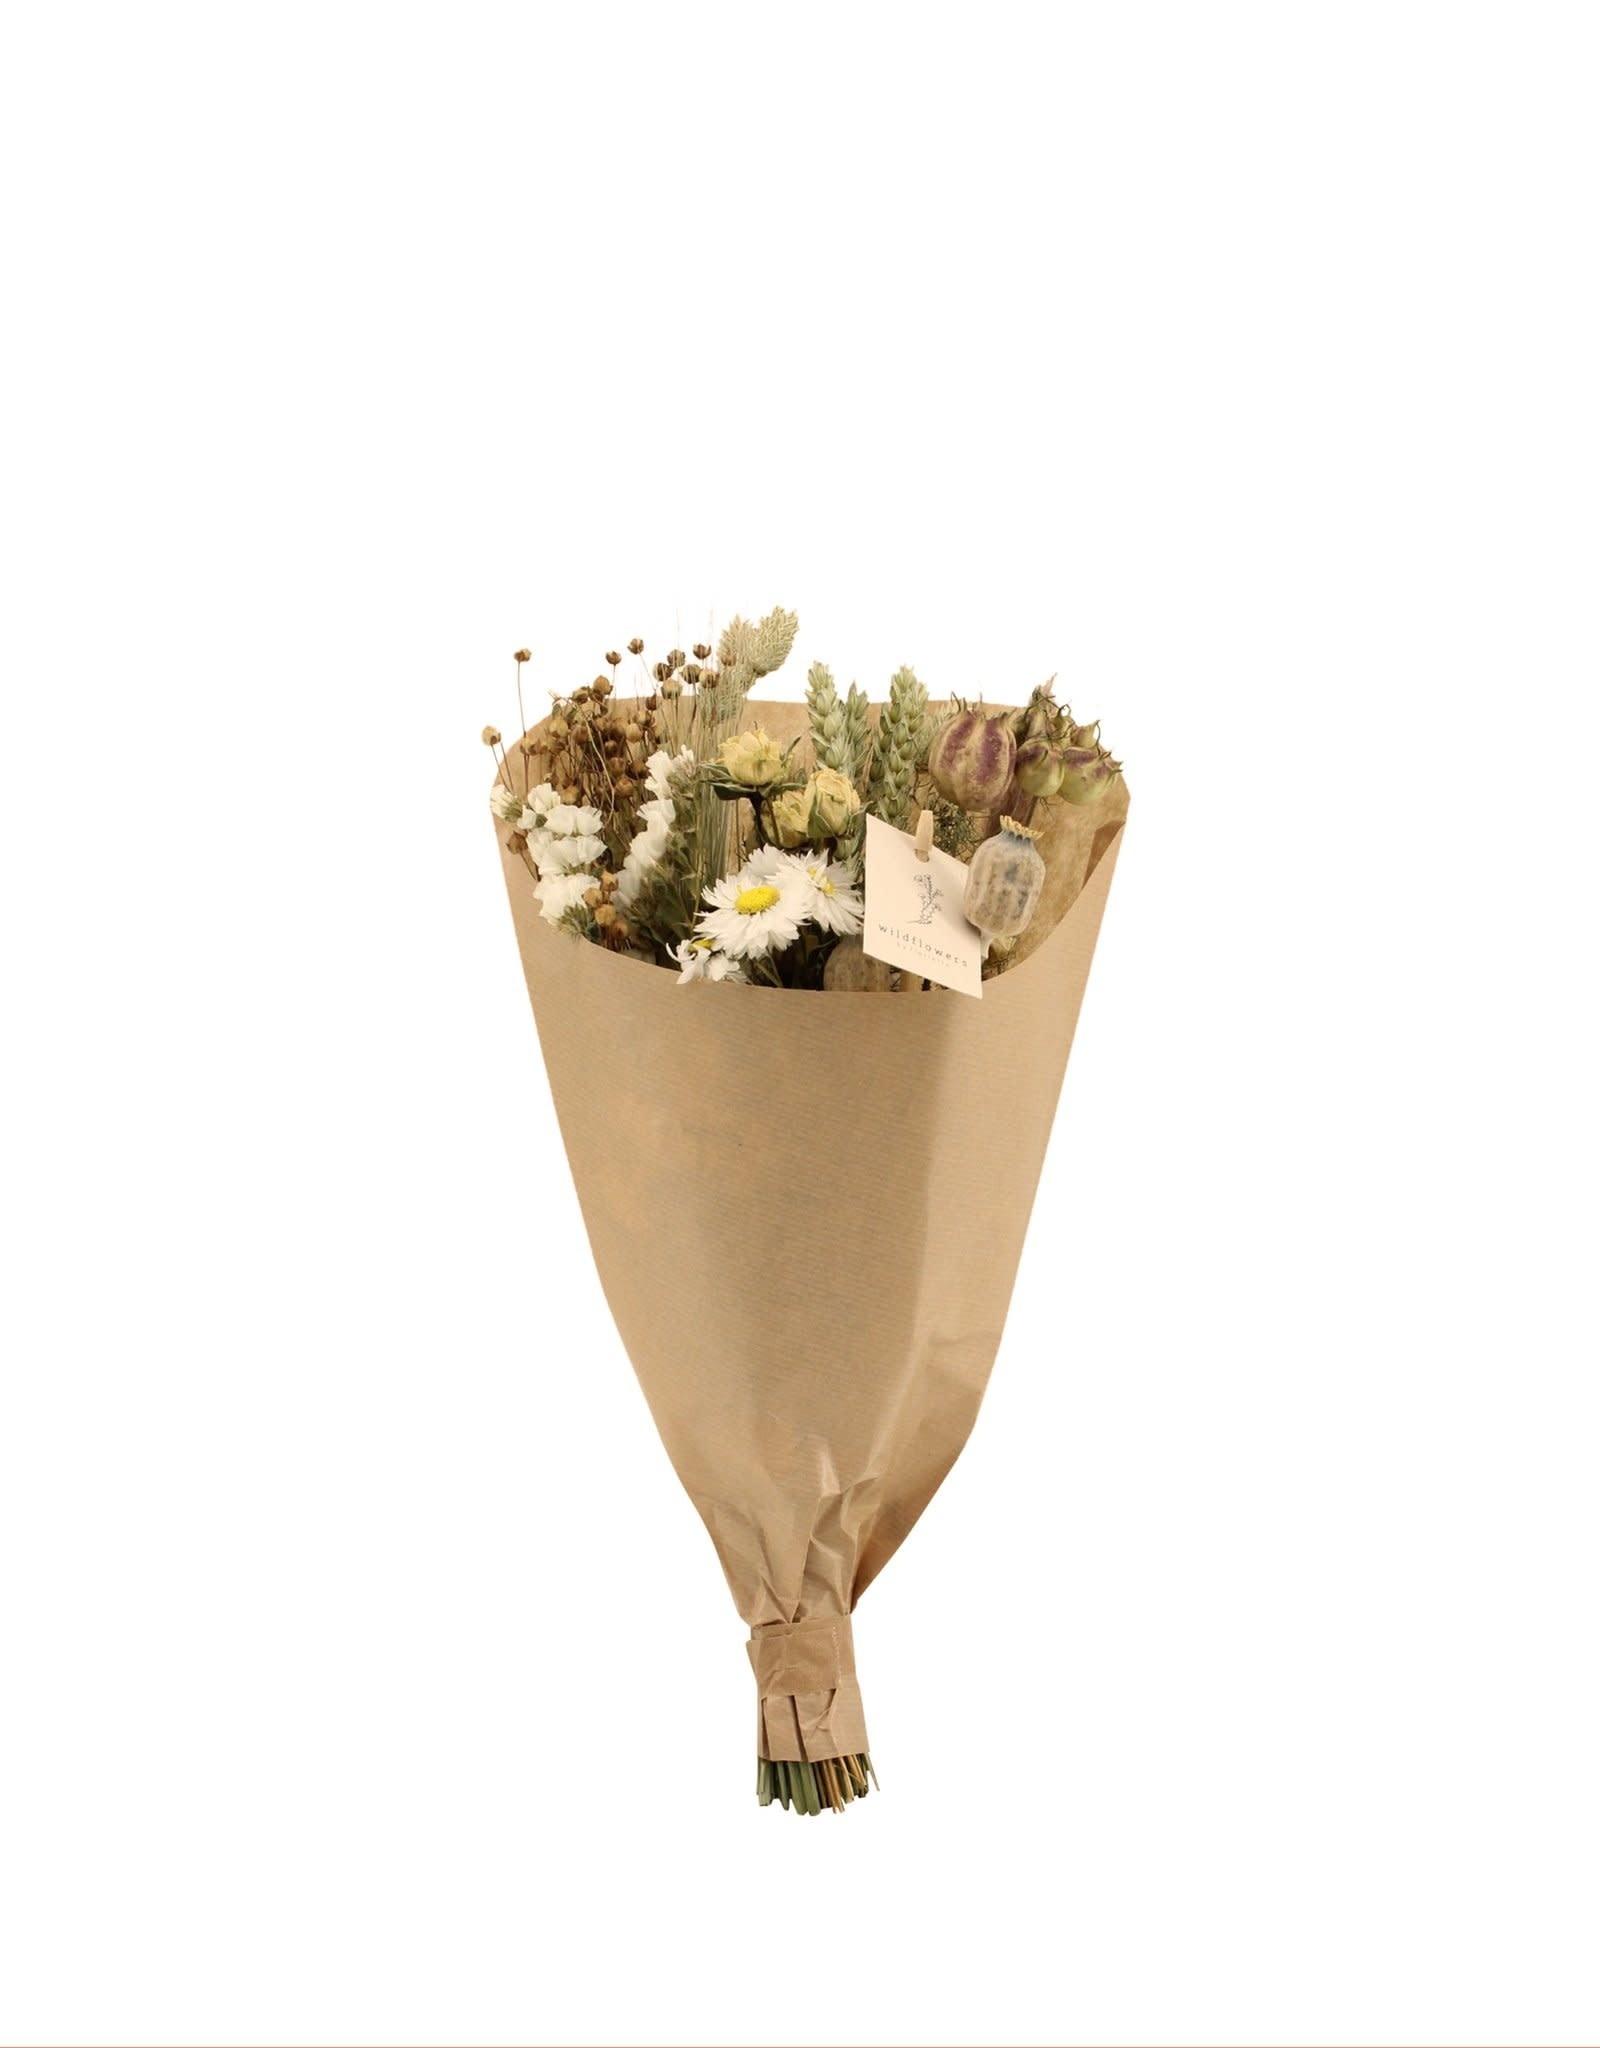 Boeket Droogbloemen Field Bouquet Small-naturel